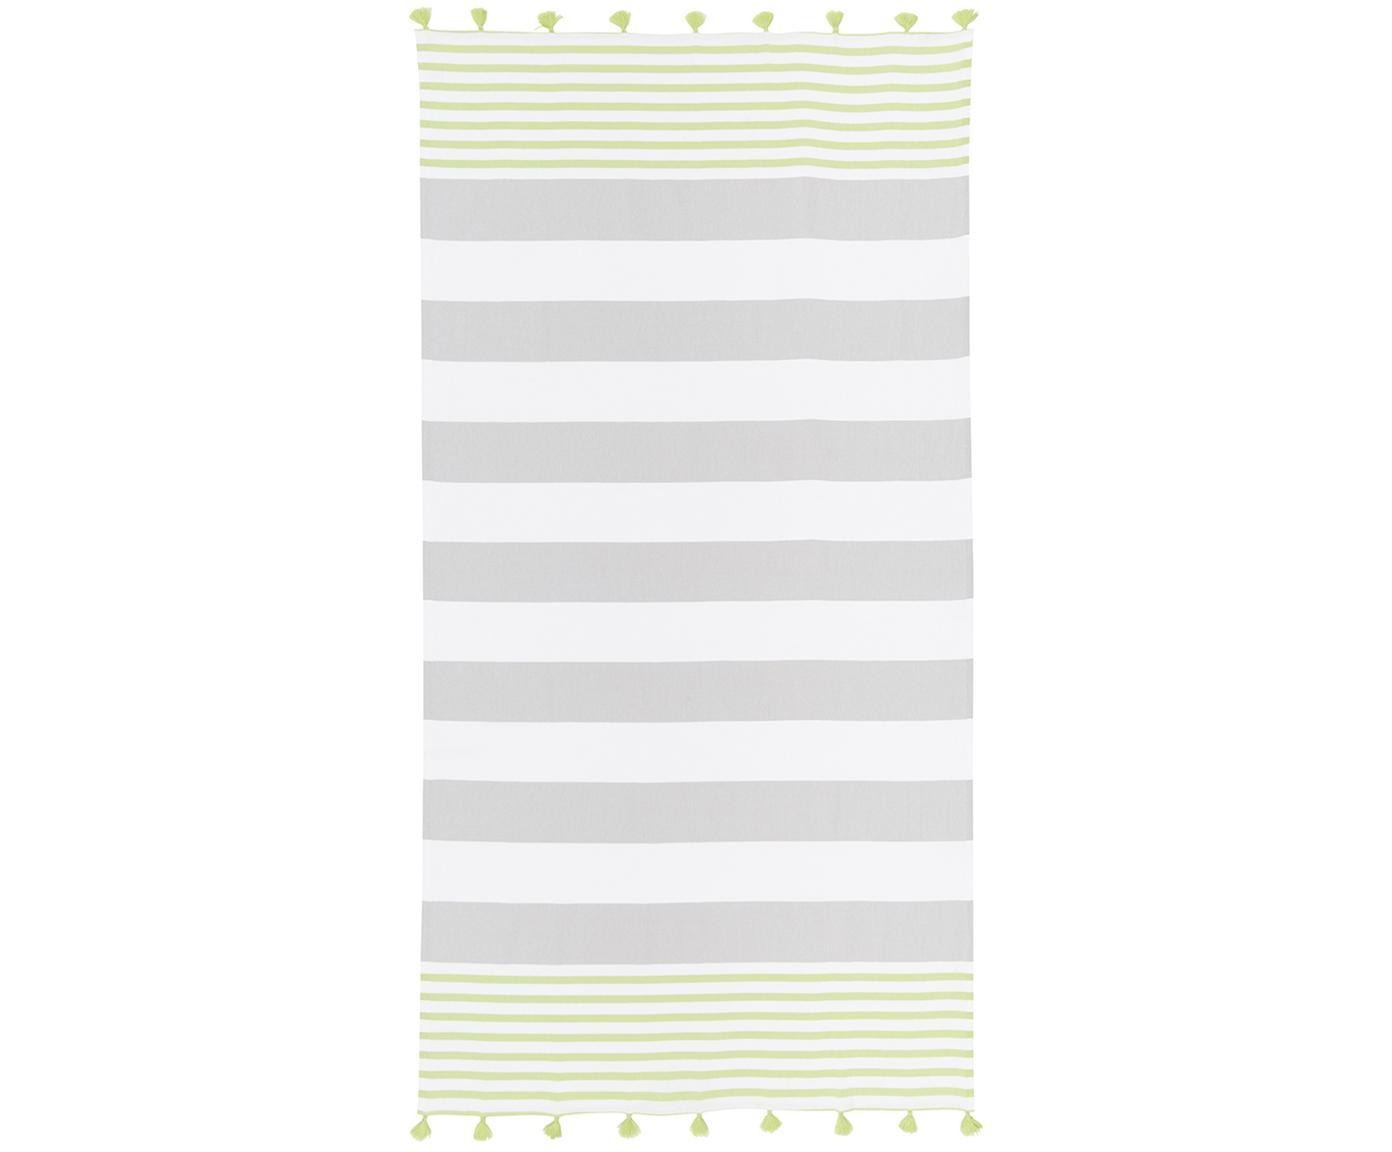 Gestreepte hamamdoek Pytris met kwastjes, Katoen Zeer licht materiaal, 185 g/m², Groen, grijs, wit, 95 x 175 cm